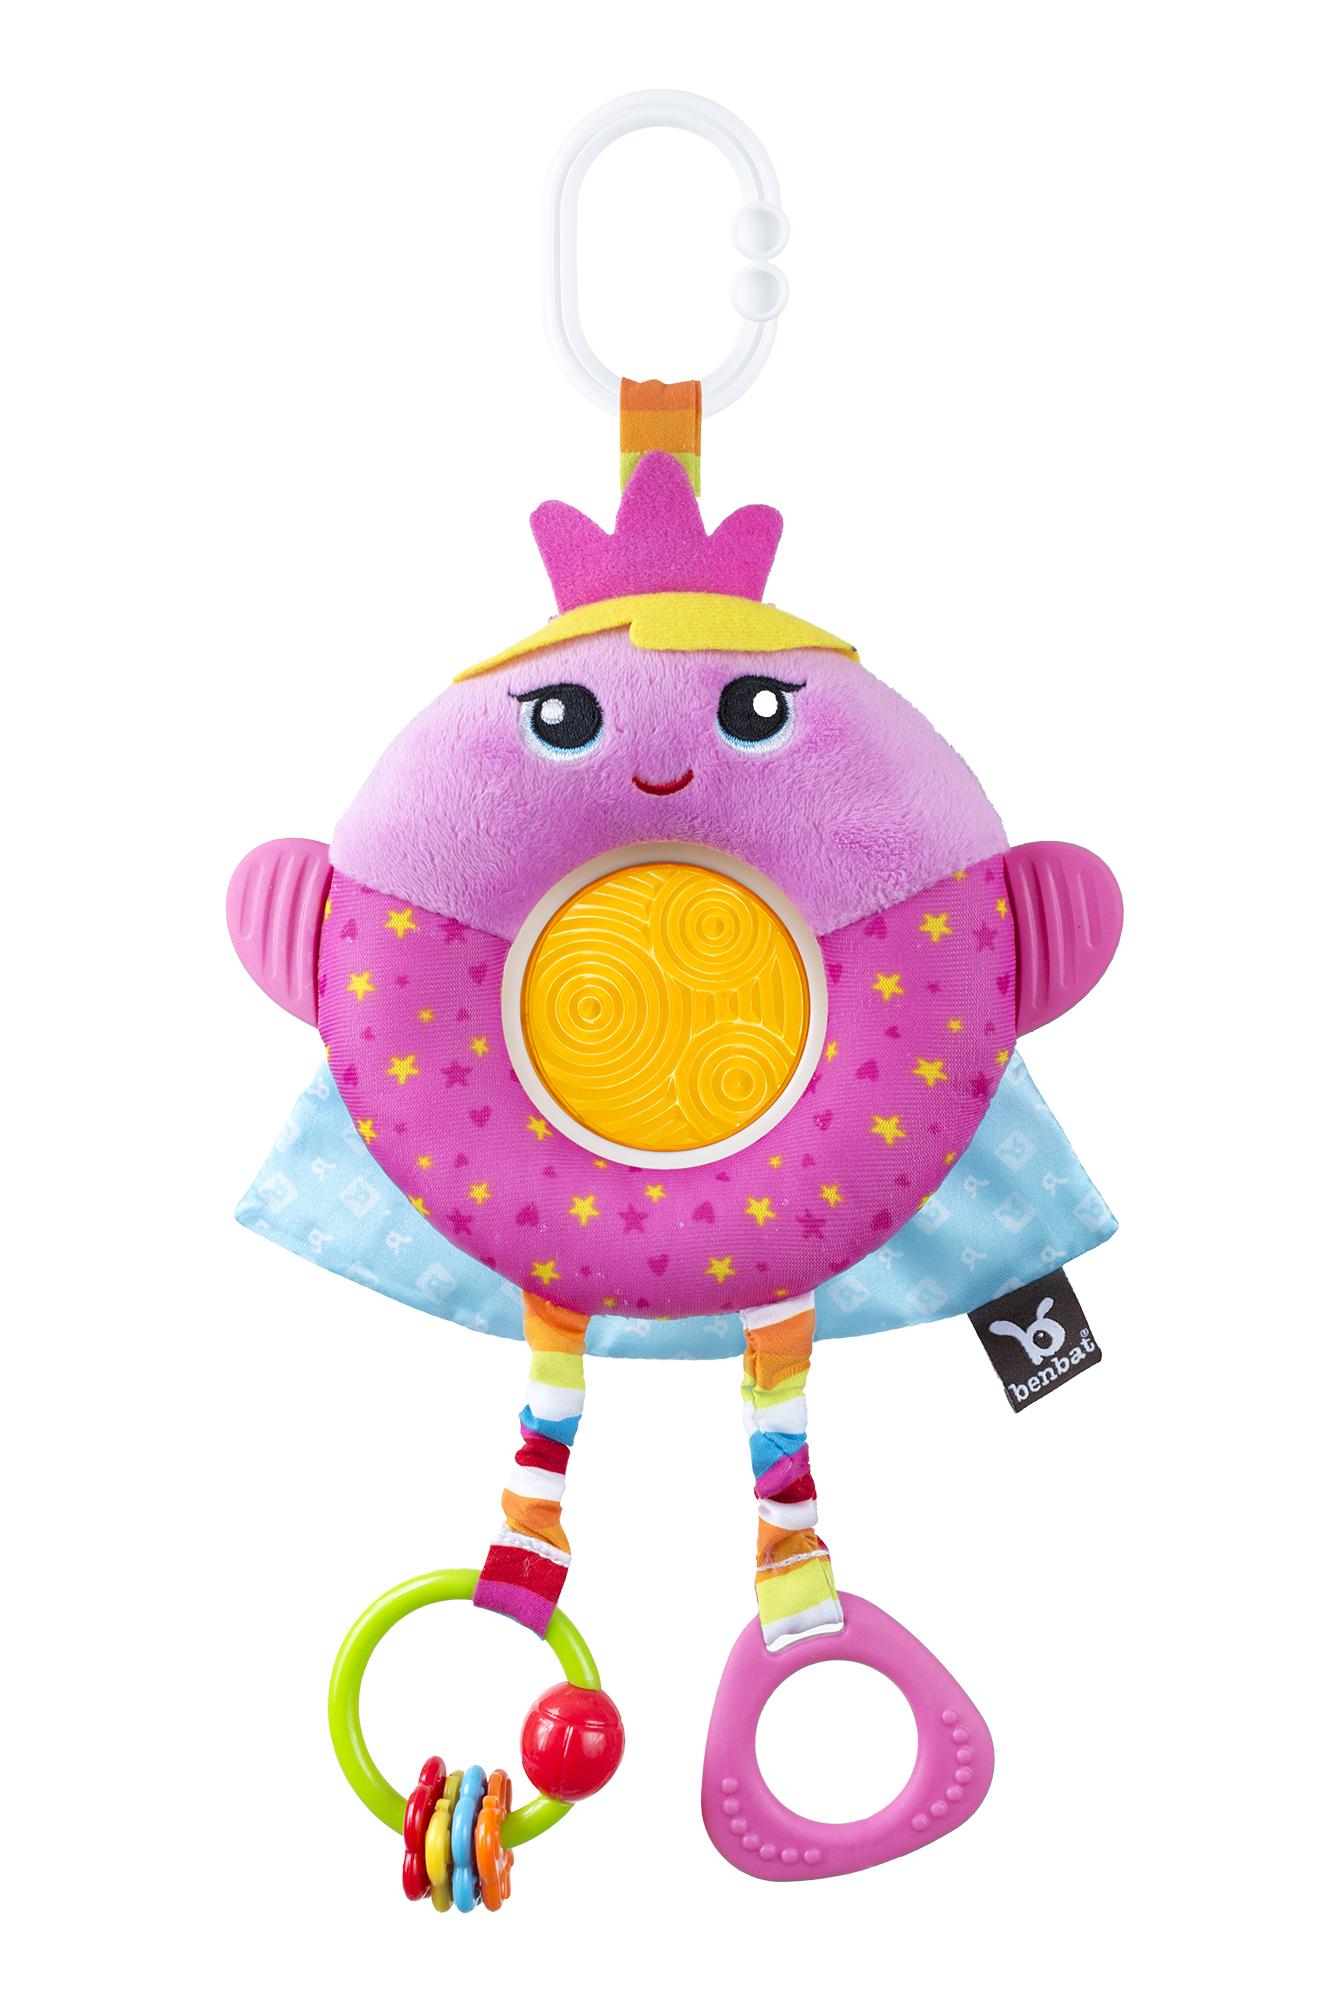 BENBAT  Závěsná hračka, Princess